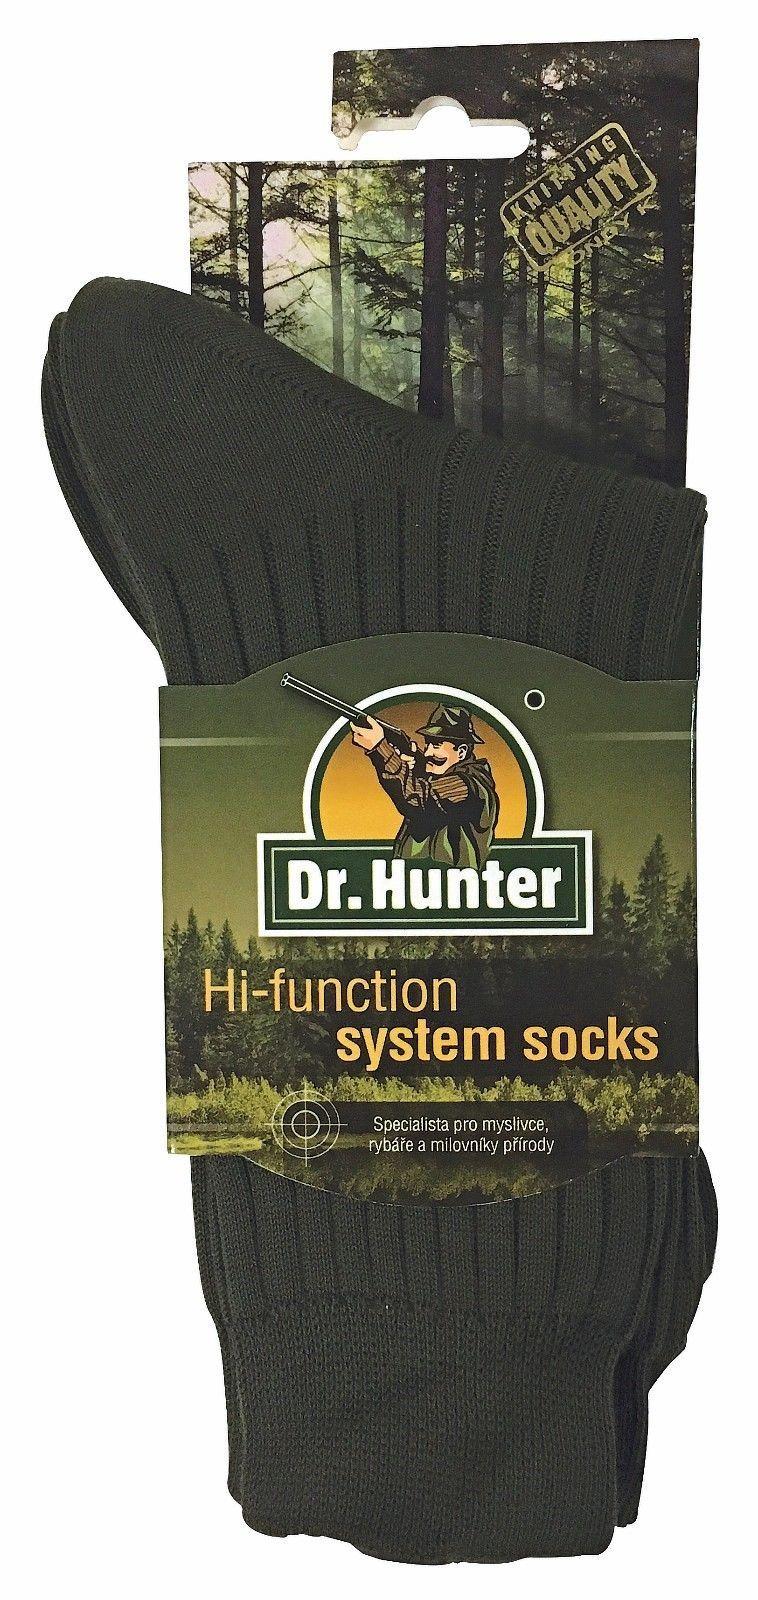 Dr Hunter - Uomo 100% Biologico Cotone Traspirante Escursionismo Calzini Calze